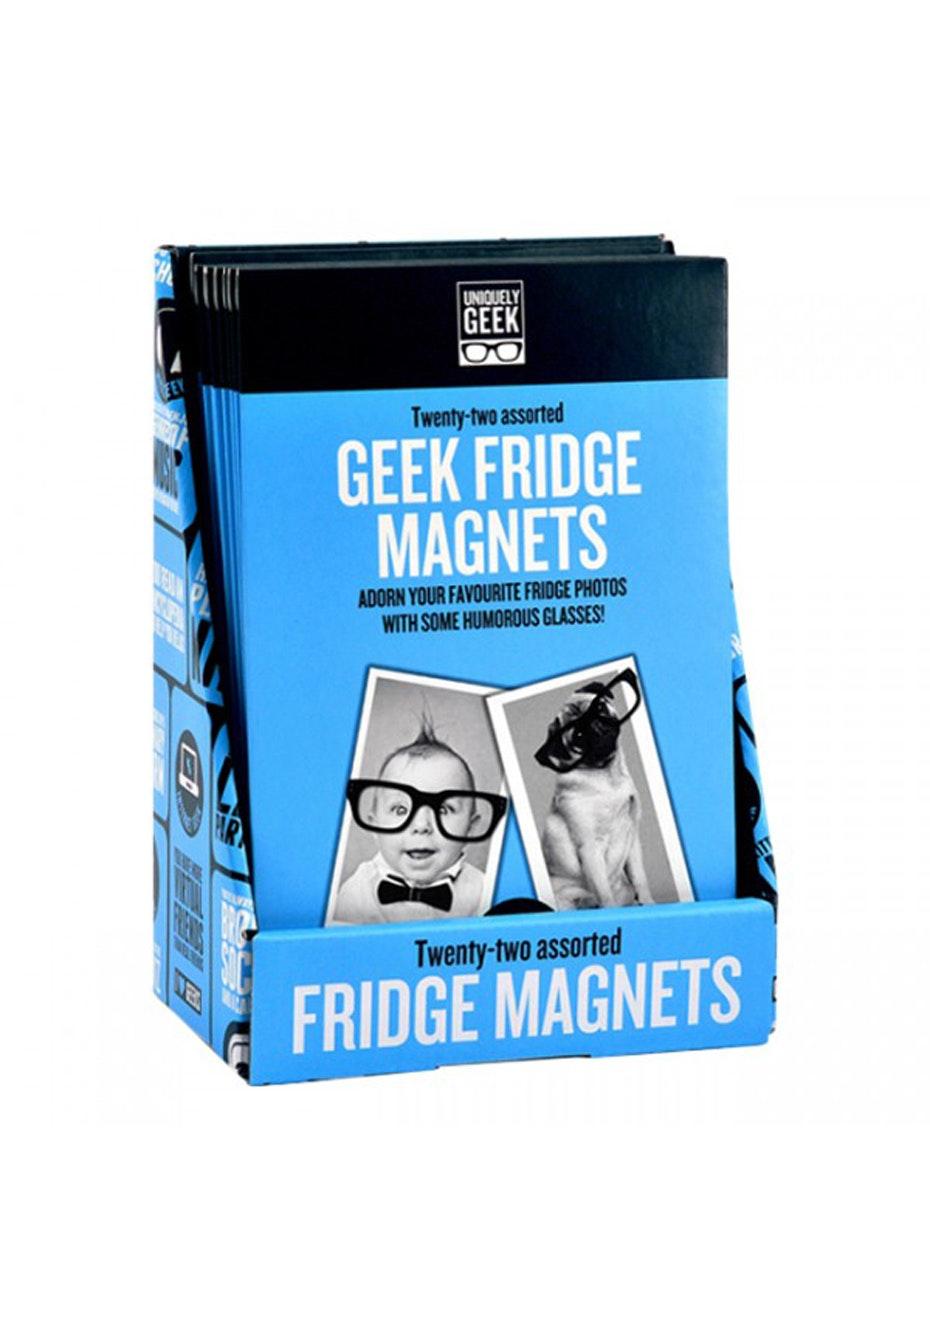 Ginger Fox - Geek Fridge Magnets